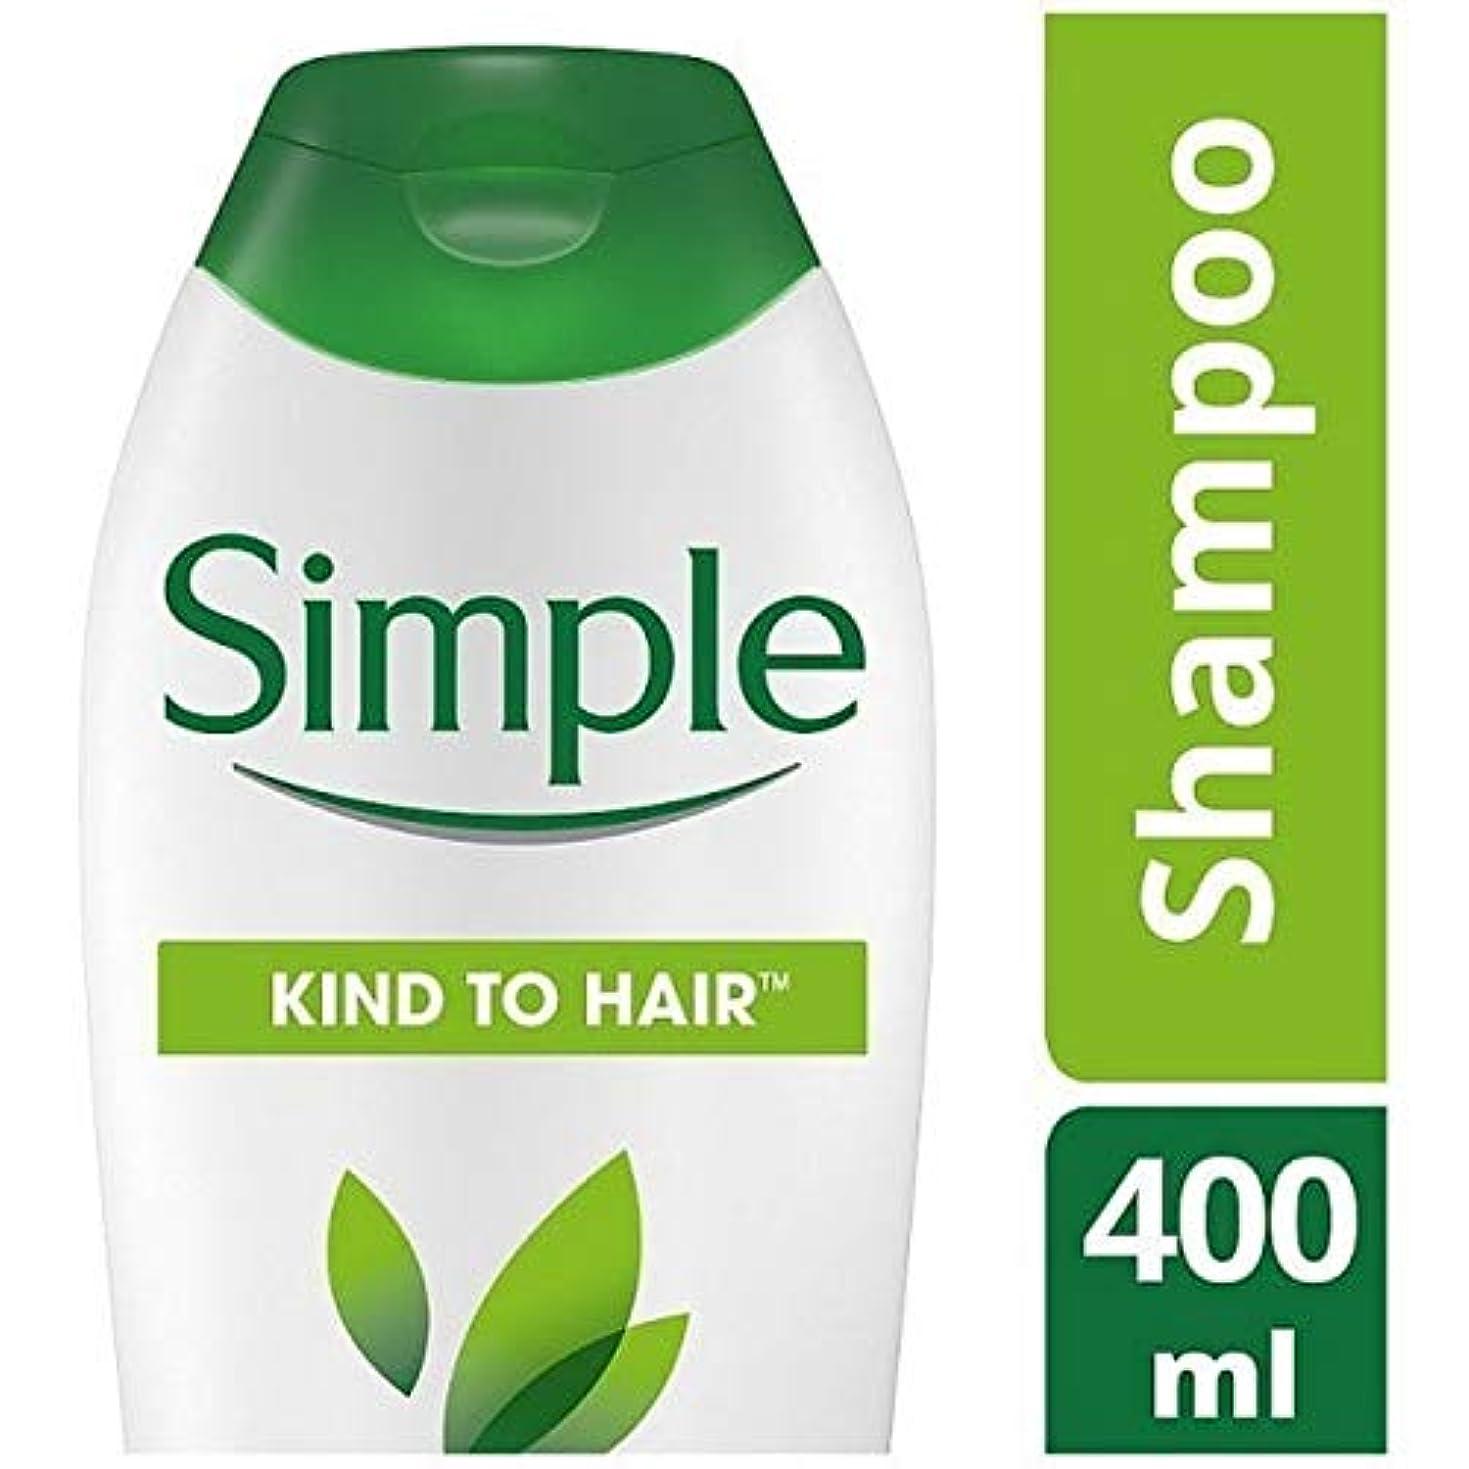 悪意のある鼻アンプ[Simple ] シンプルなシャンプー優しくケア400ミリリットル - Simple Shampoo Gentle Care 400ml [並行輸入品]